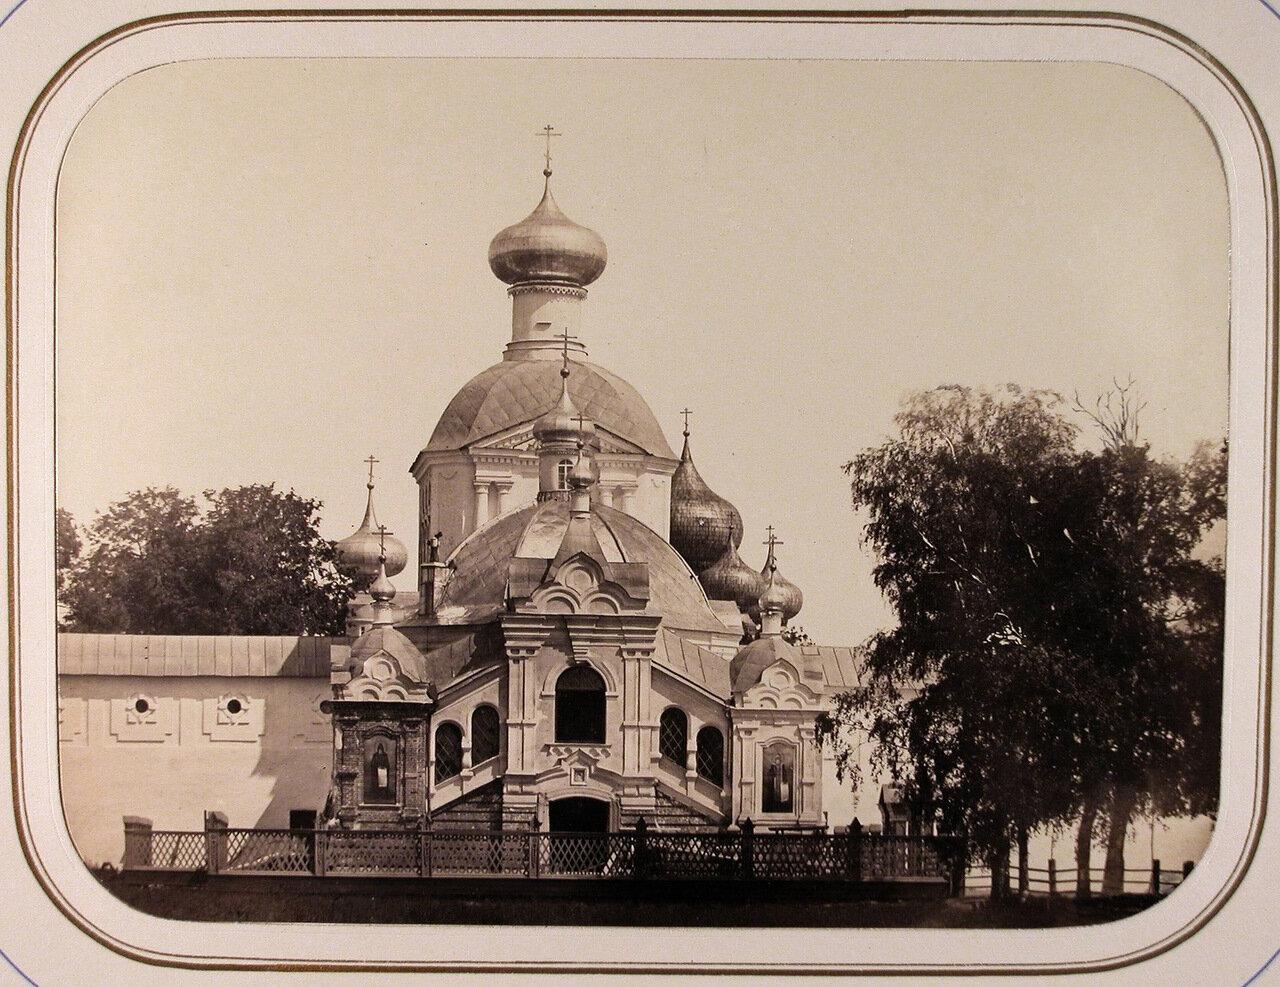 Вид часовни Чудотворной иконы Божьей матери Успенского Тихвинского мужского монастыря